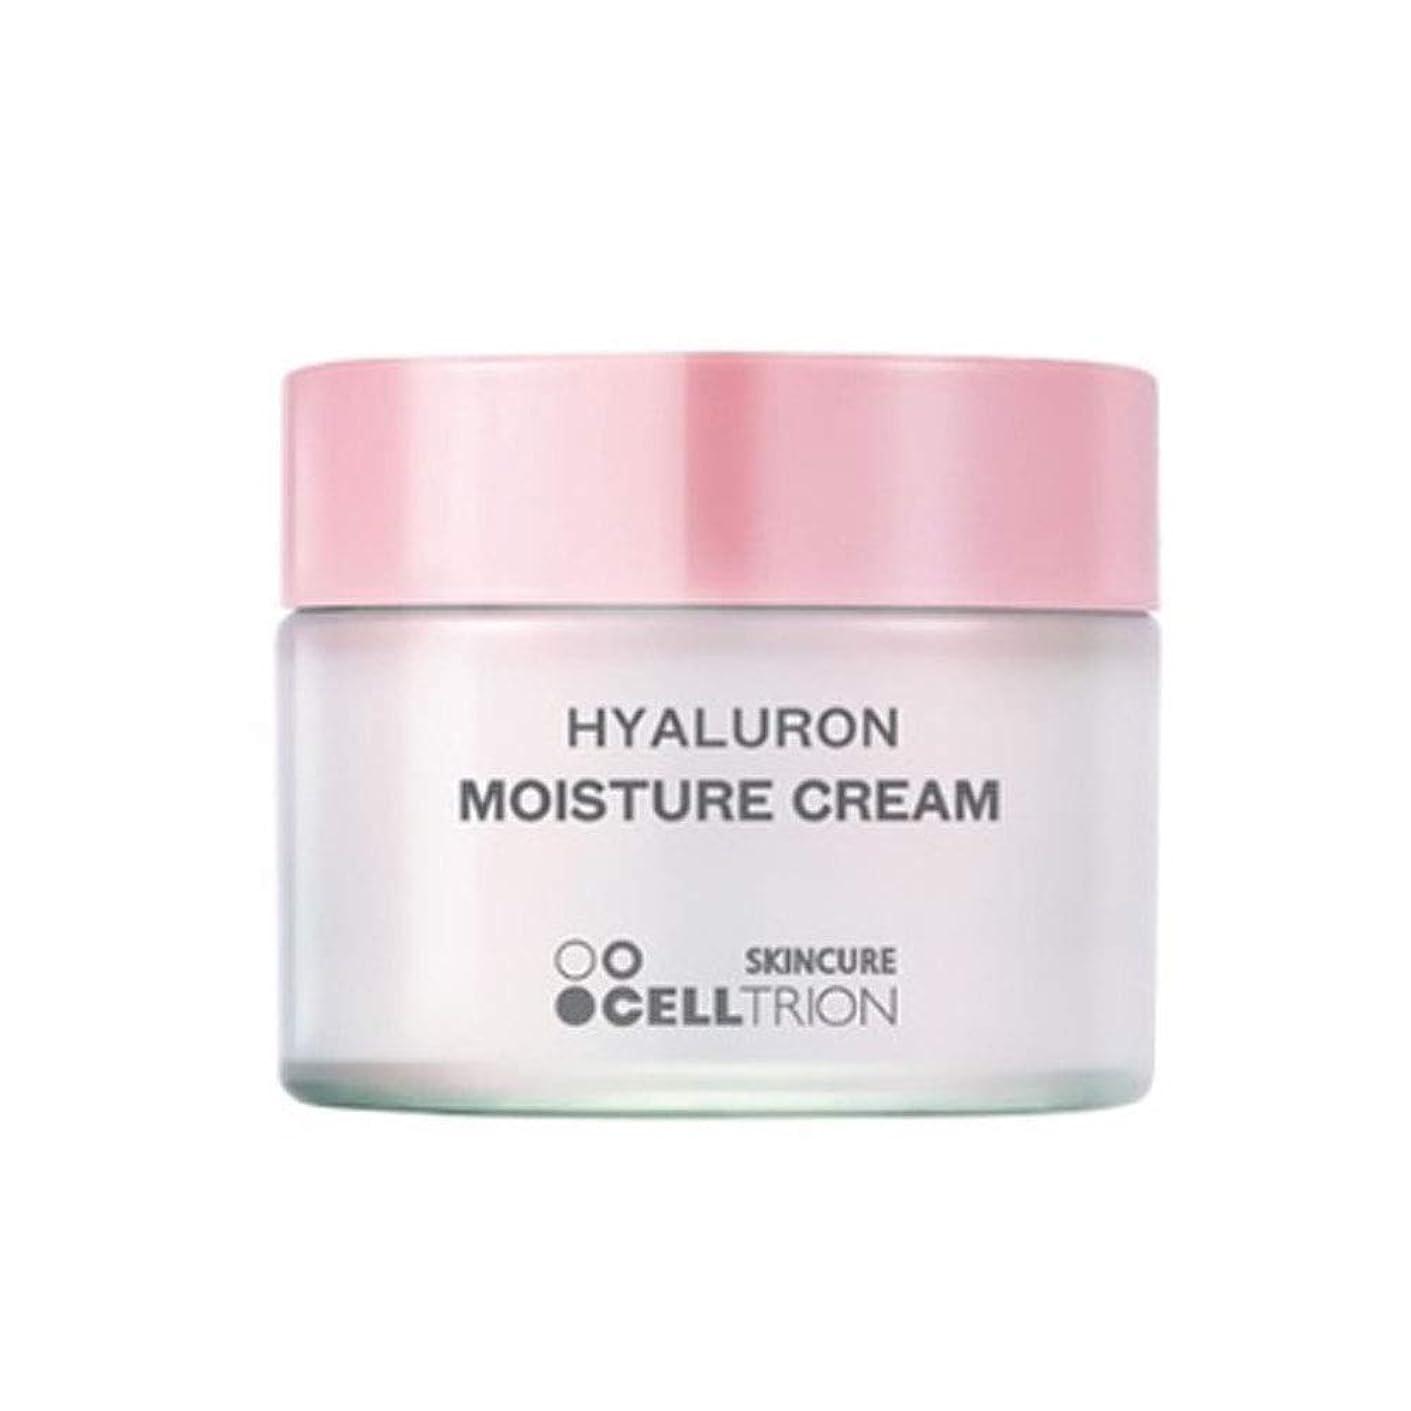 脅威前置詞葉を集めるセルトリオンスキンキュアヒアルロンモイスチャークリーム50gしわ改善、Celltrion Skincure Hyaluron Moisture Cream 50g Anti-Wrinkle [並行輸入品]